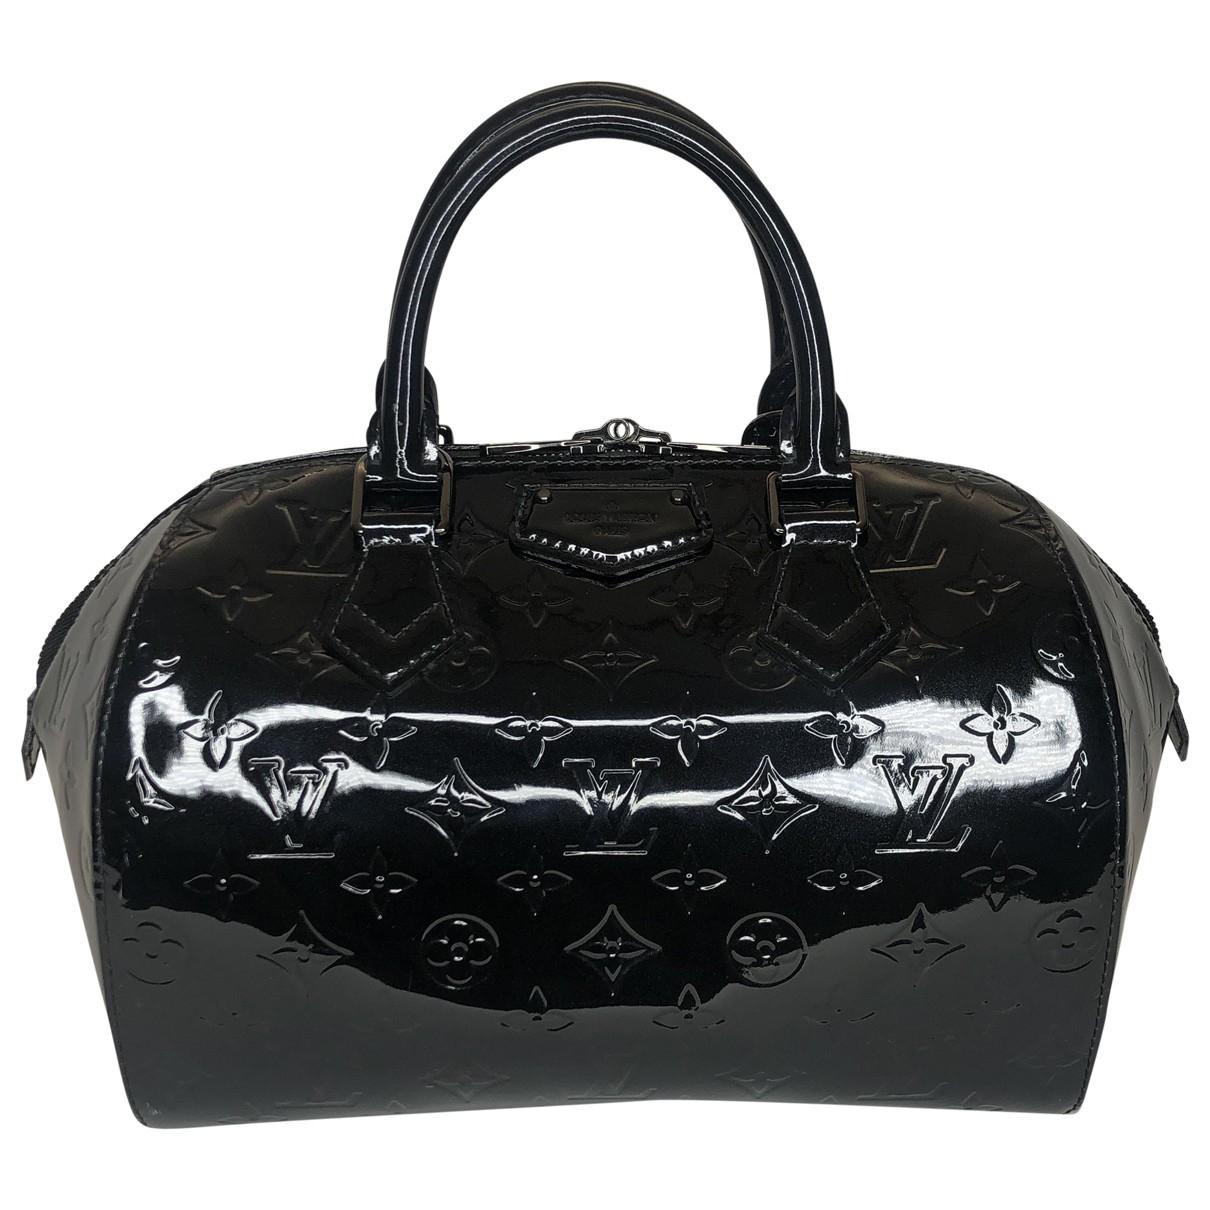 Louis Vuitton - Sac a main   pour femme en cuir verni - noir